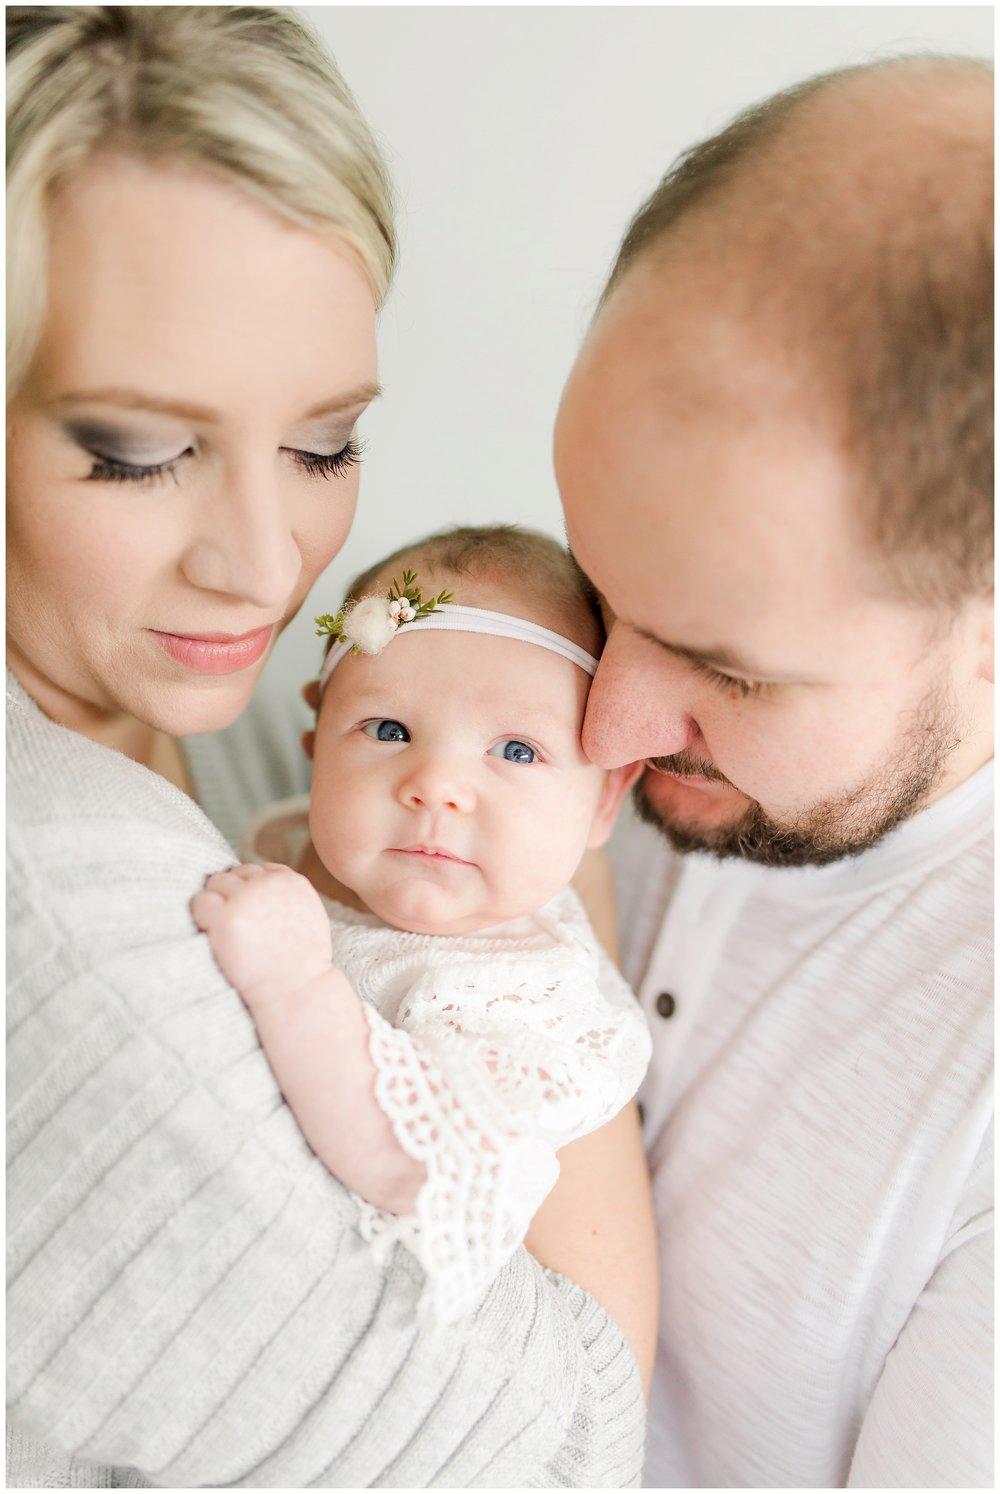 lexington-ky-family-lifestyle-photos-by-priscilla-baierlein_0901.jpg